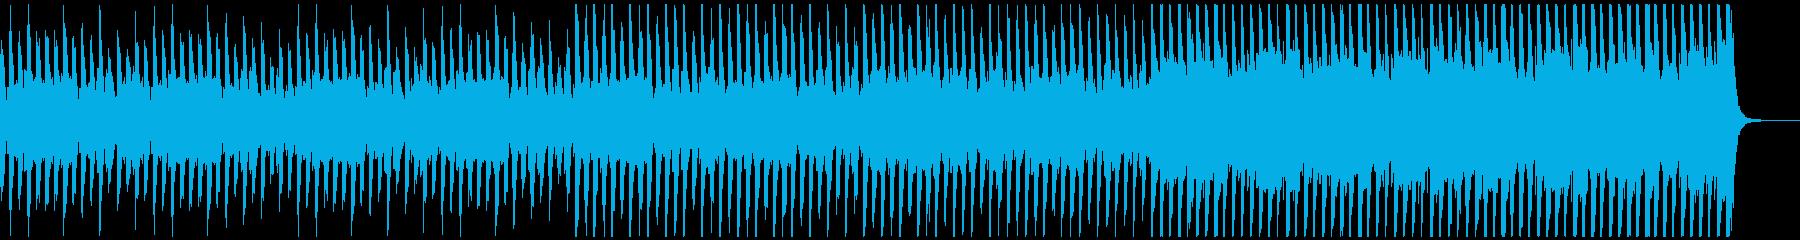 コーポレートに!洋楽・明るい・嬉しいMの再生済みの波形